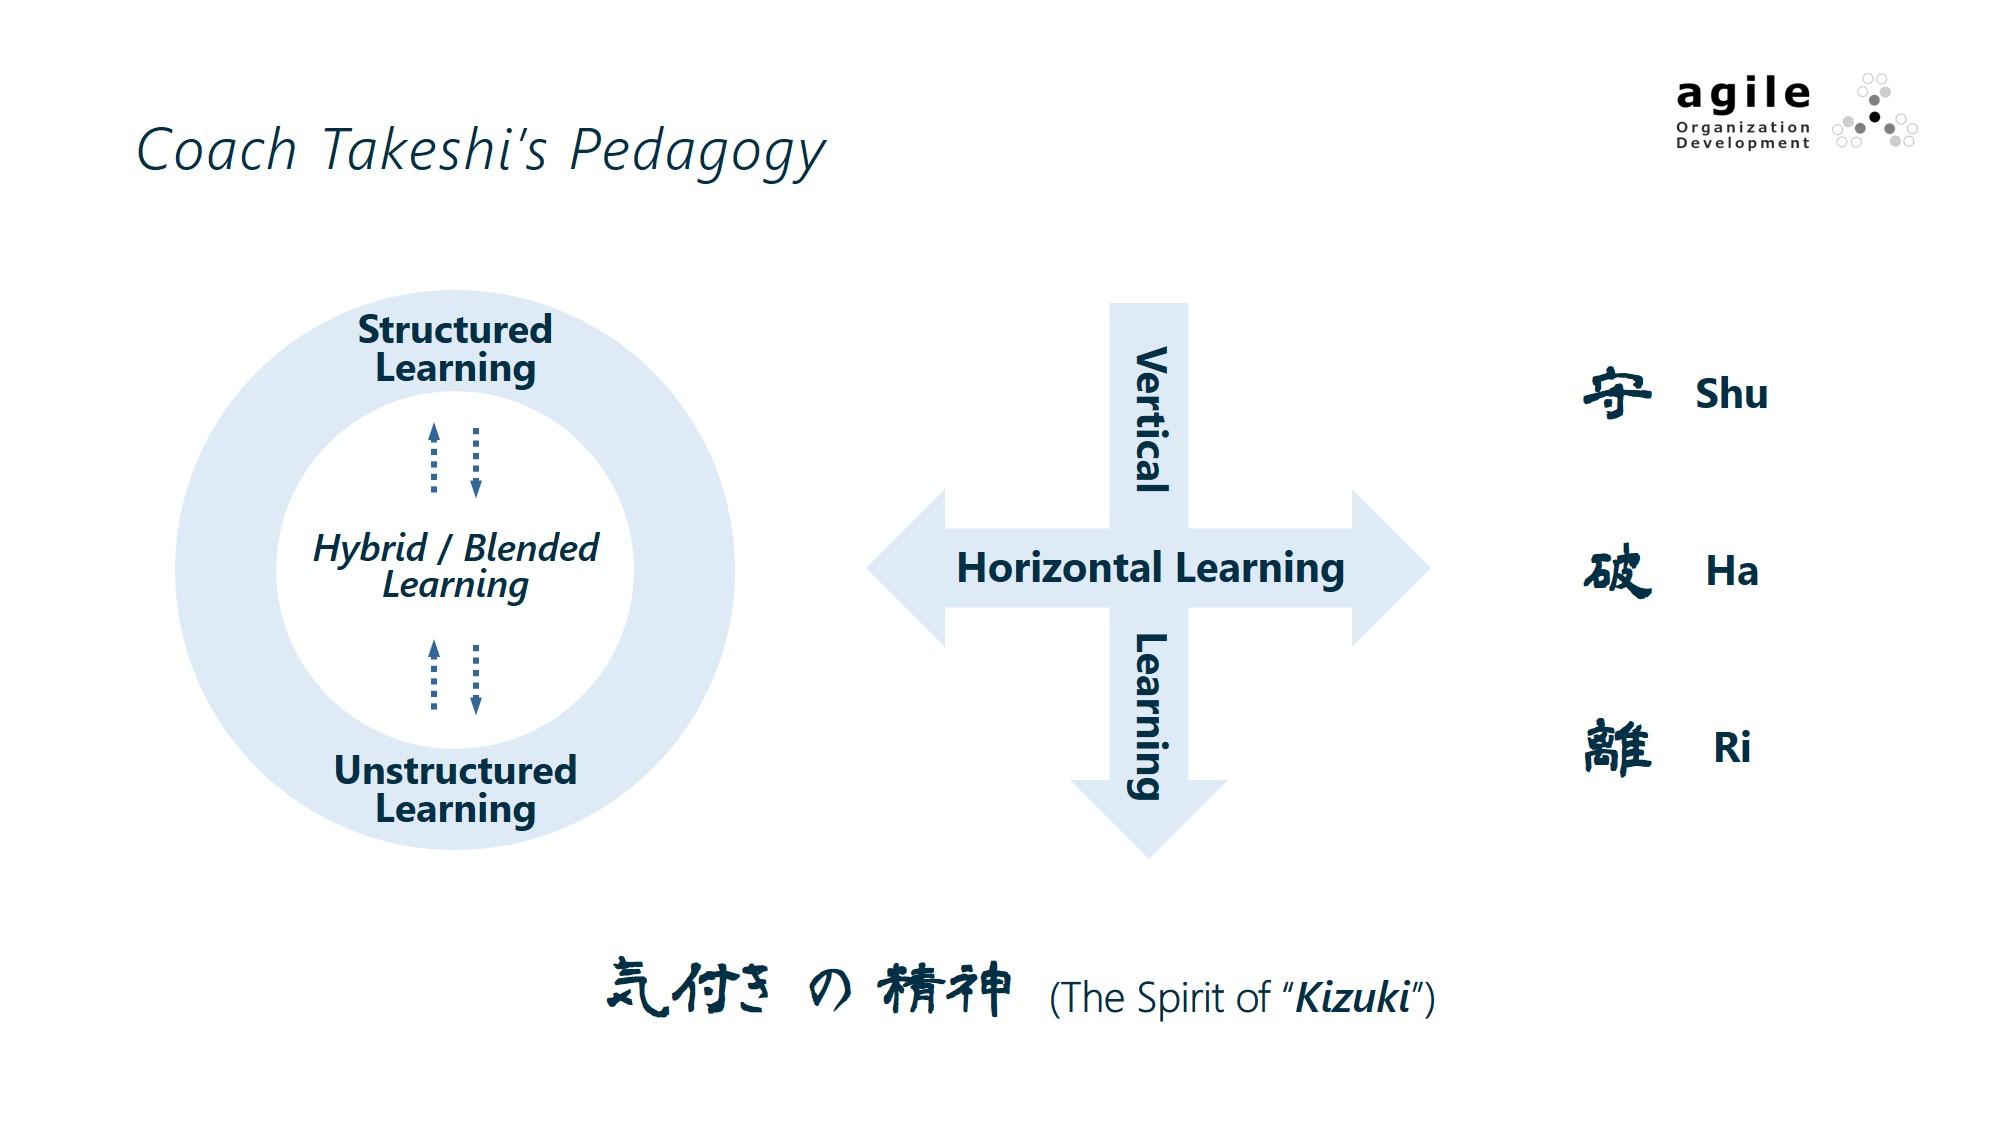 Coach Takeshi's Pedagogy